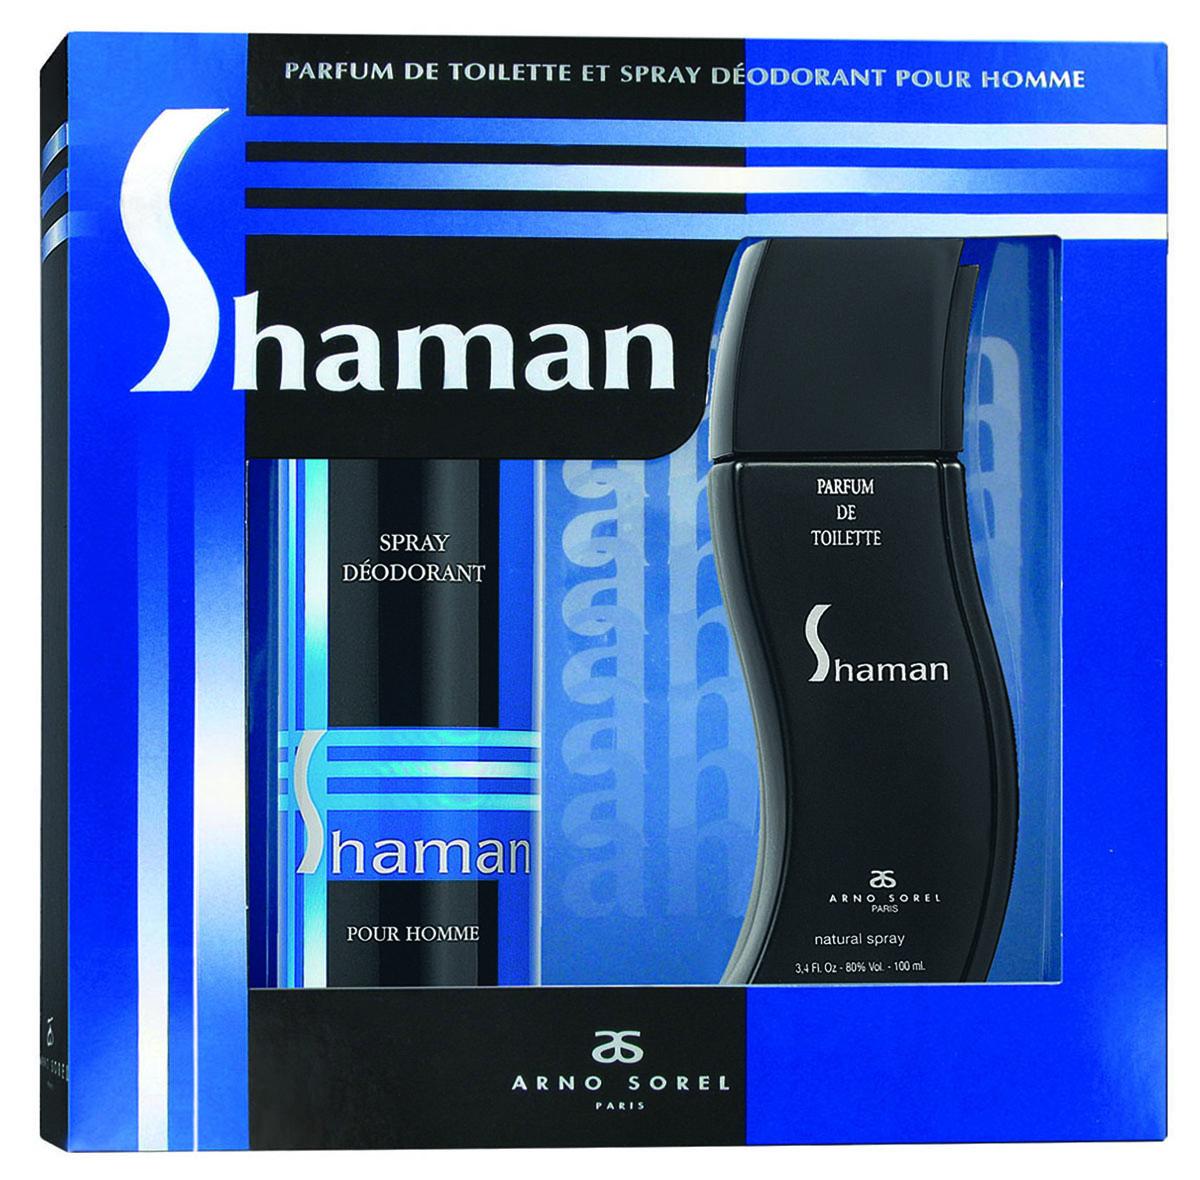 Corania Подарочный набор Shaman мужской: Туалетная вода, 100 мл , гель для душа, 100 мл15032029Подарочный набор для мужчин : туалетная вода 100мл, парфюмированный гель-душ 100мл.